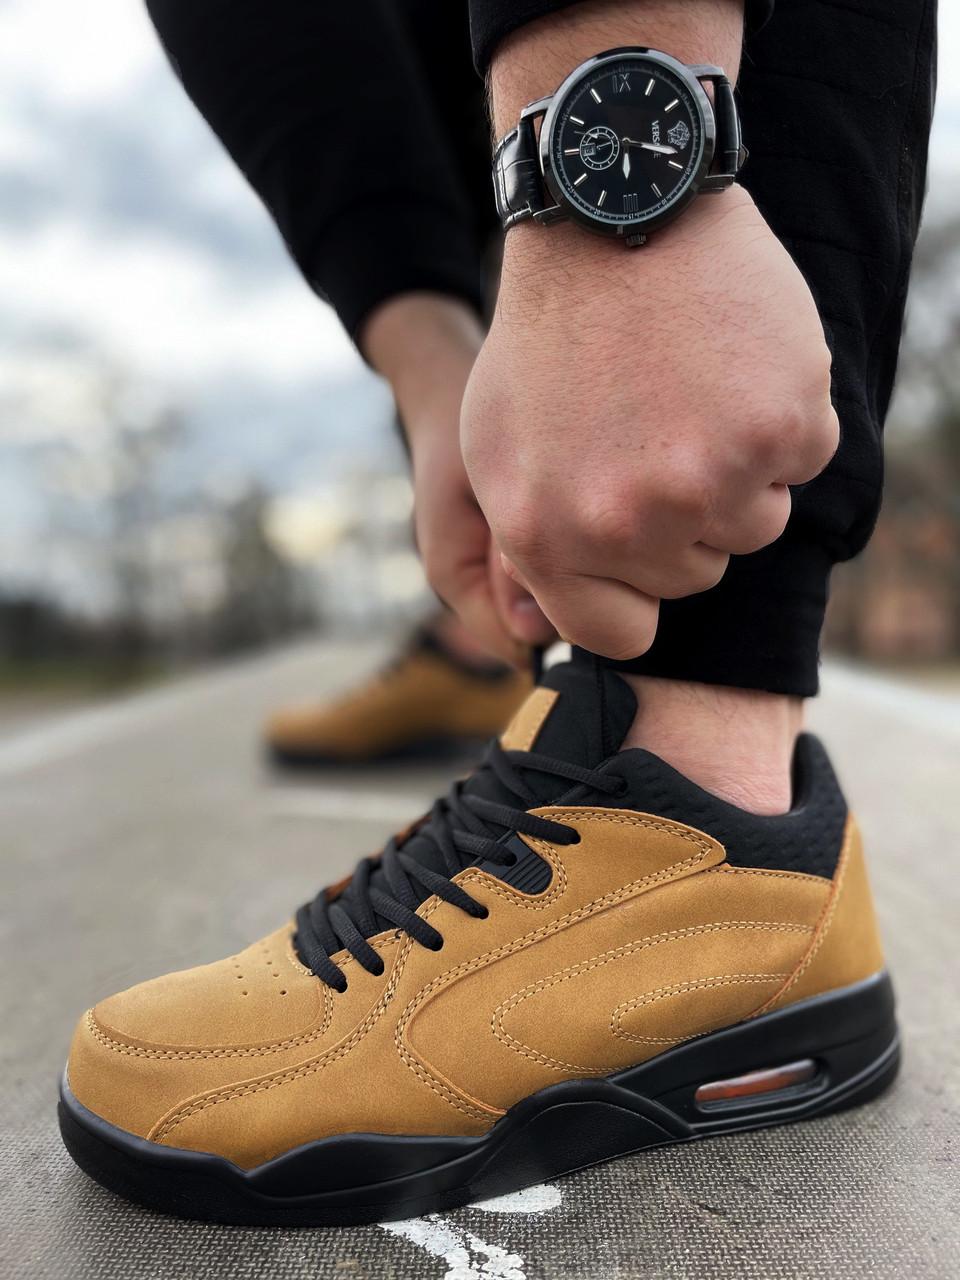 Мужские кроссовки в стиле JORDAN обувь кроссовки ботинки кеды брендовые реплика копия